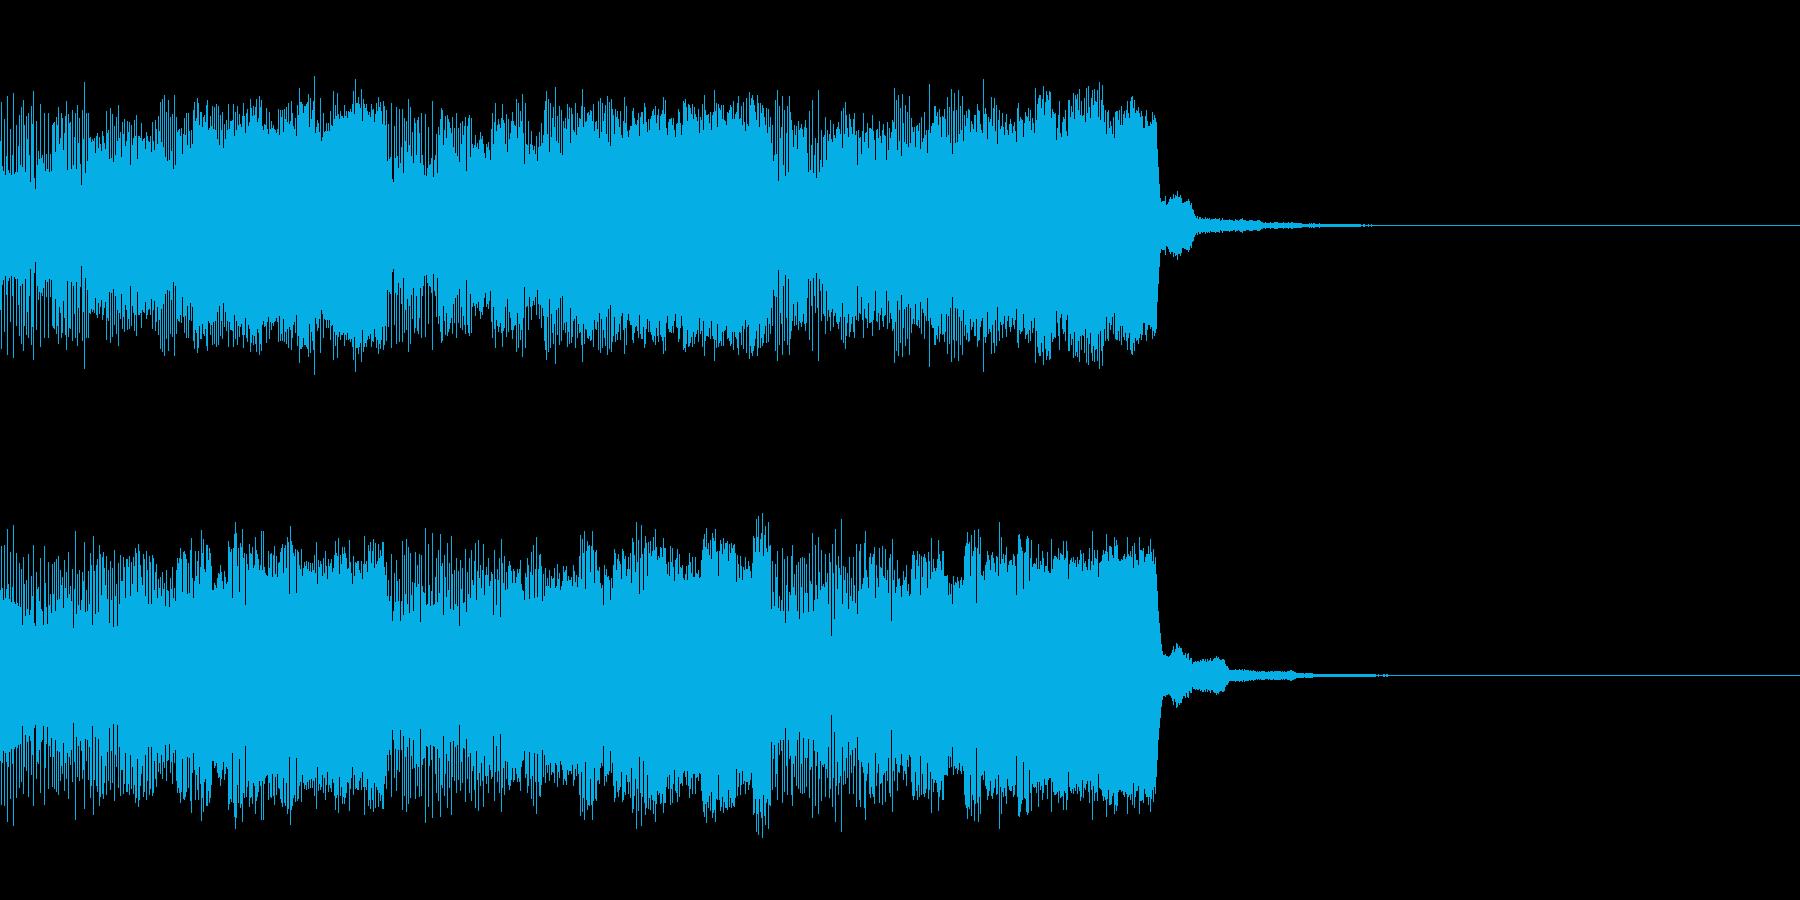 パチンコ的アイテム獲得音01C(電子音)の再生済みの波形